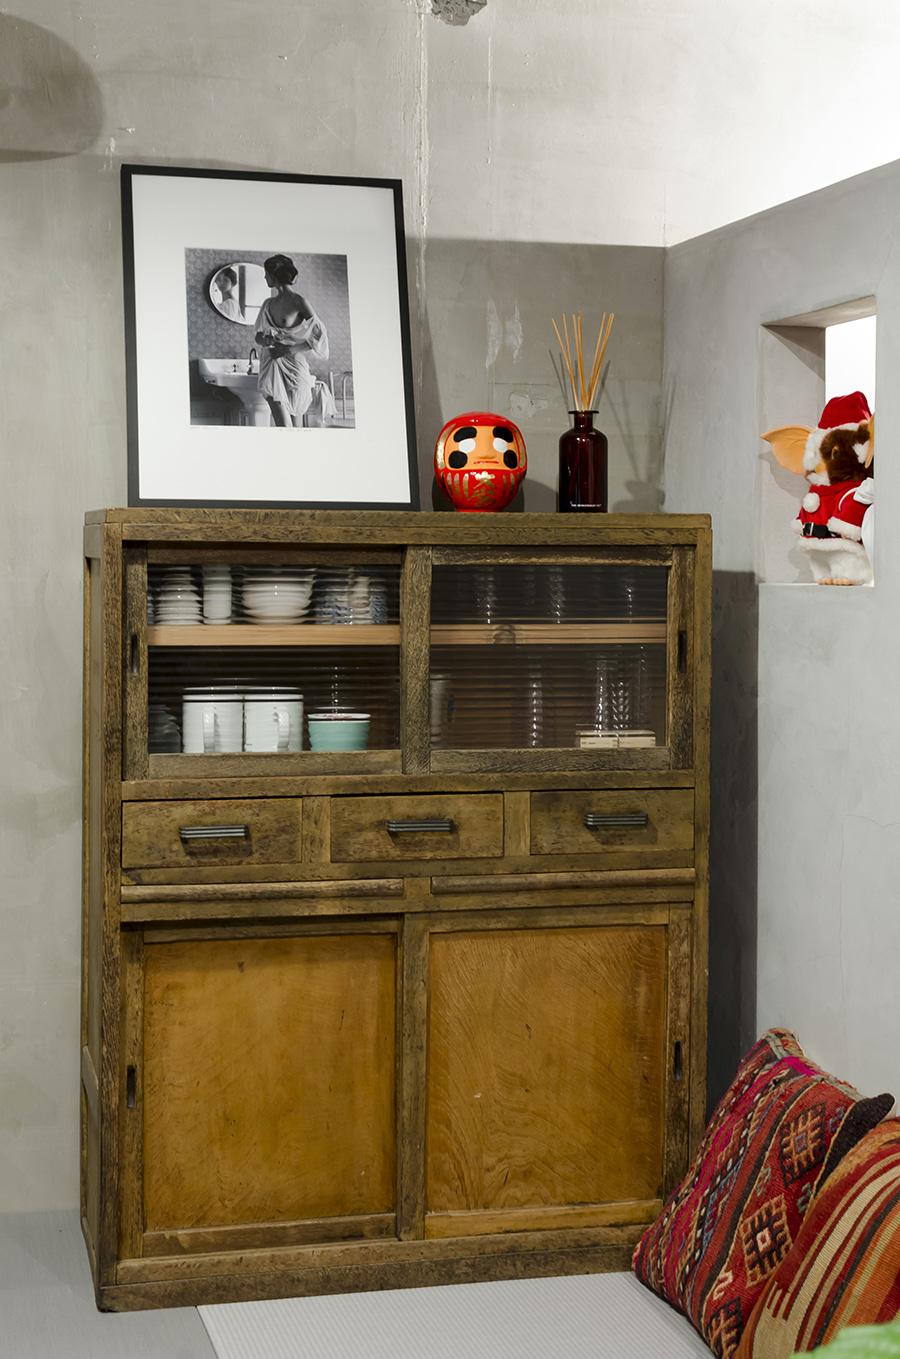 栃木県旅行の際、古道具屋で買った古い食器棚。